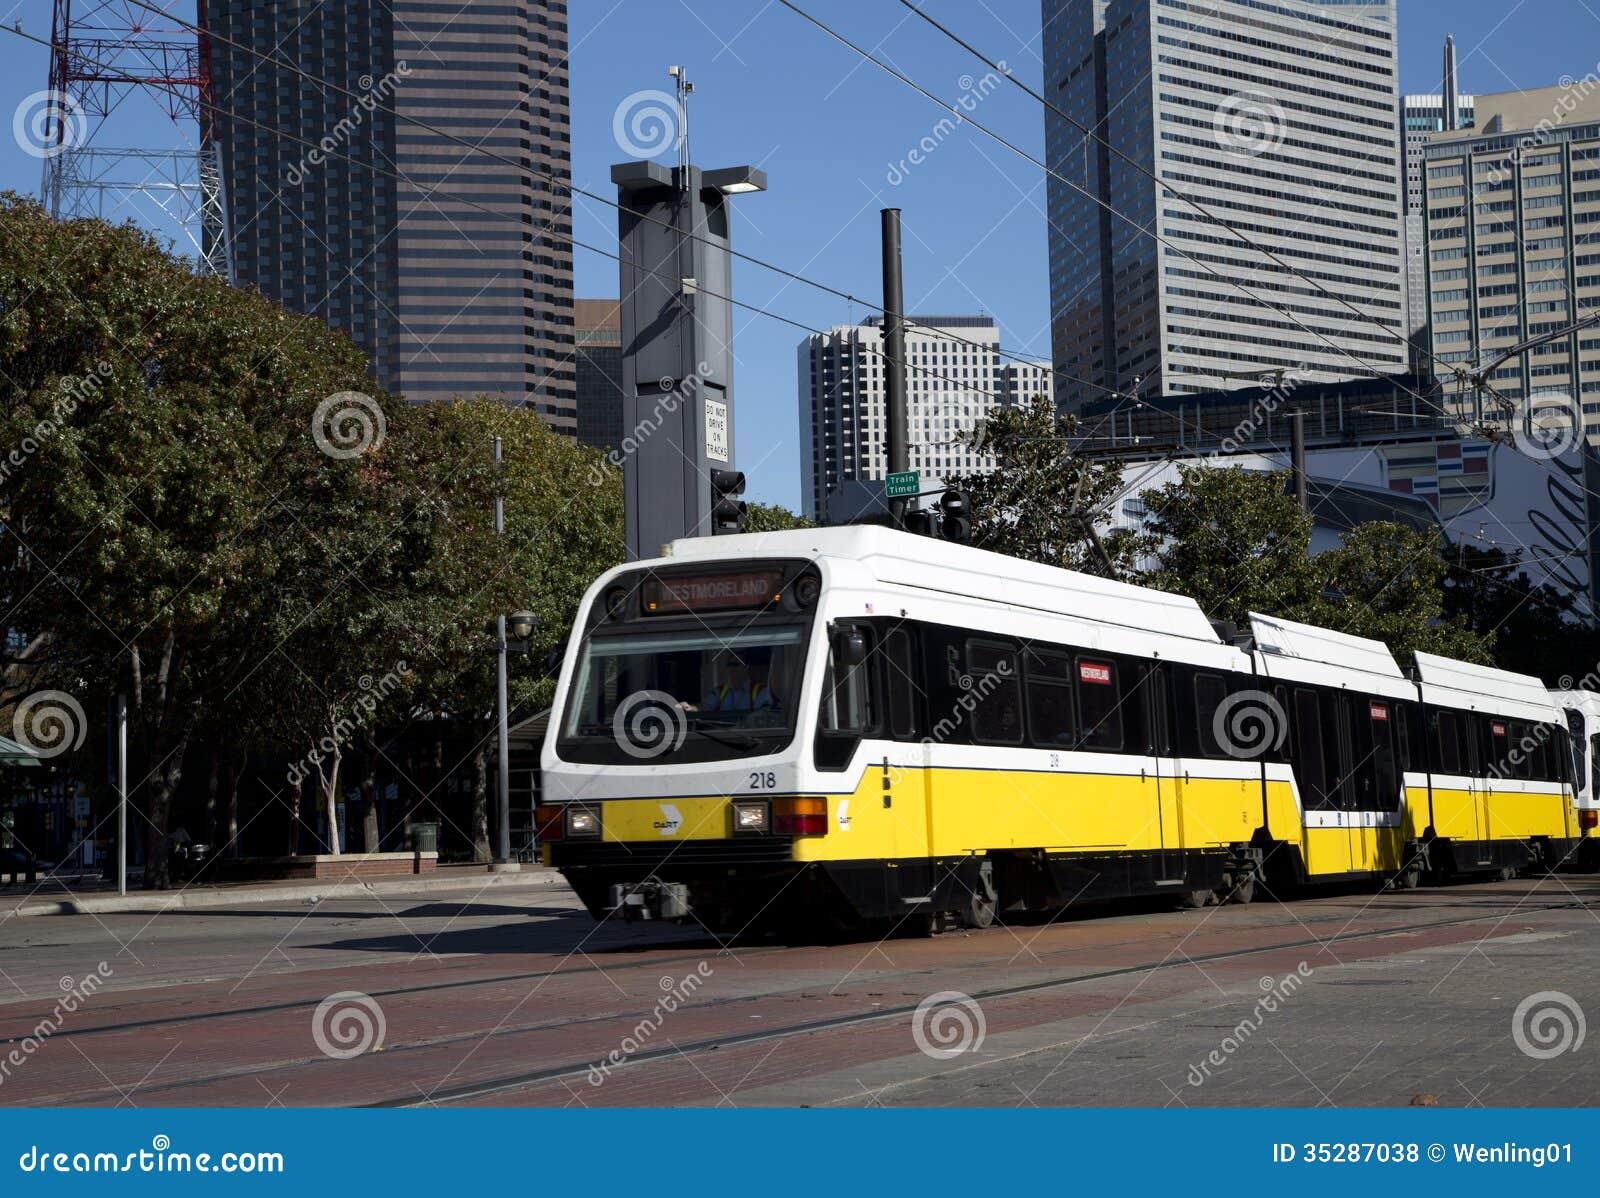 Light rail train in Dallas editorial stock photo  Image of